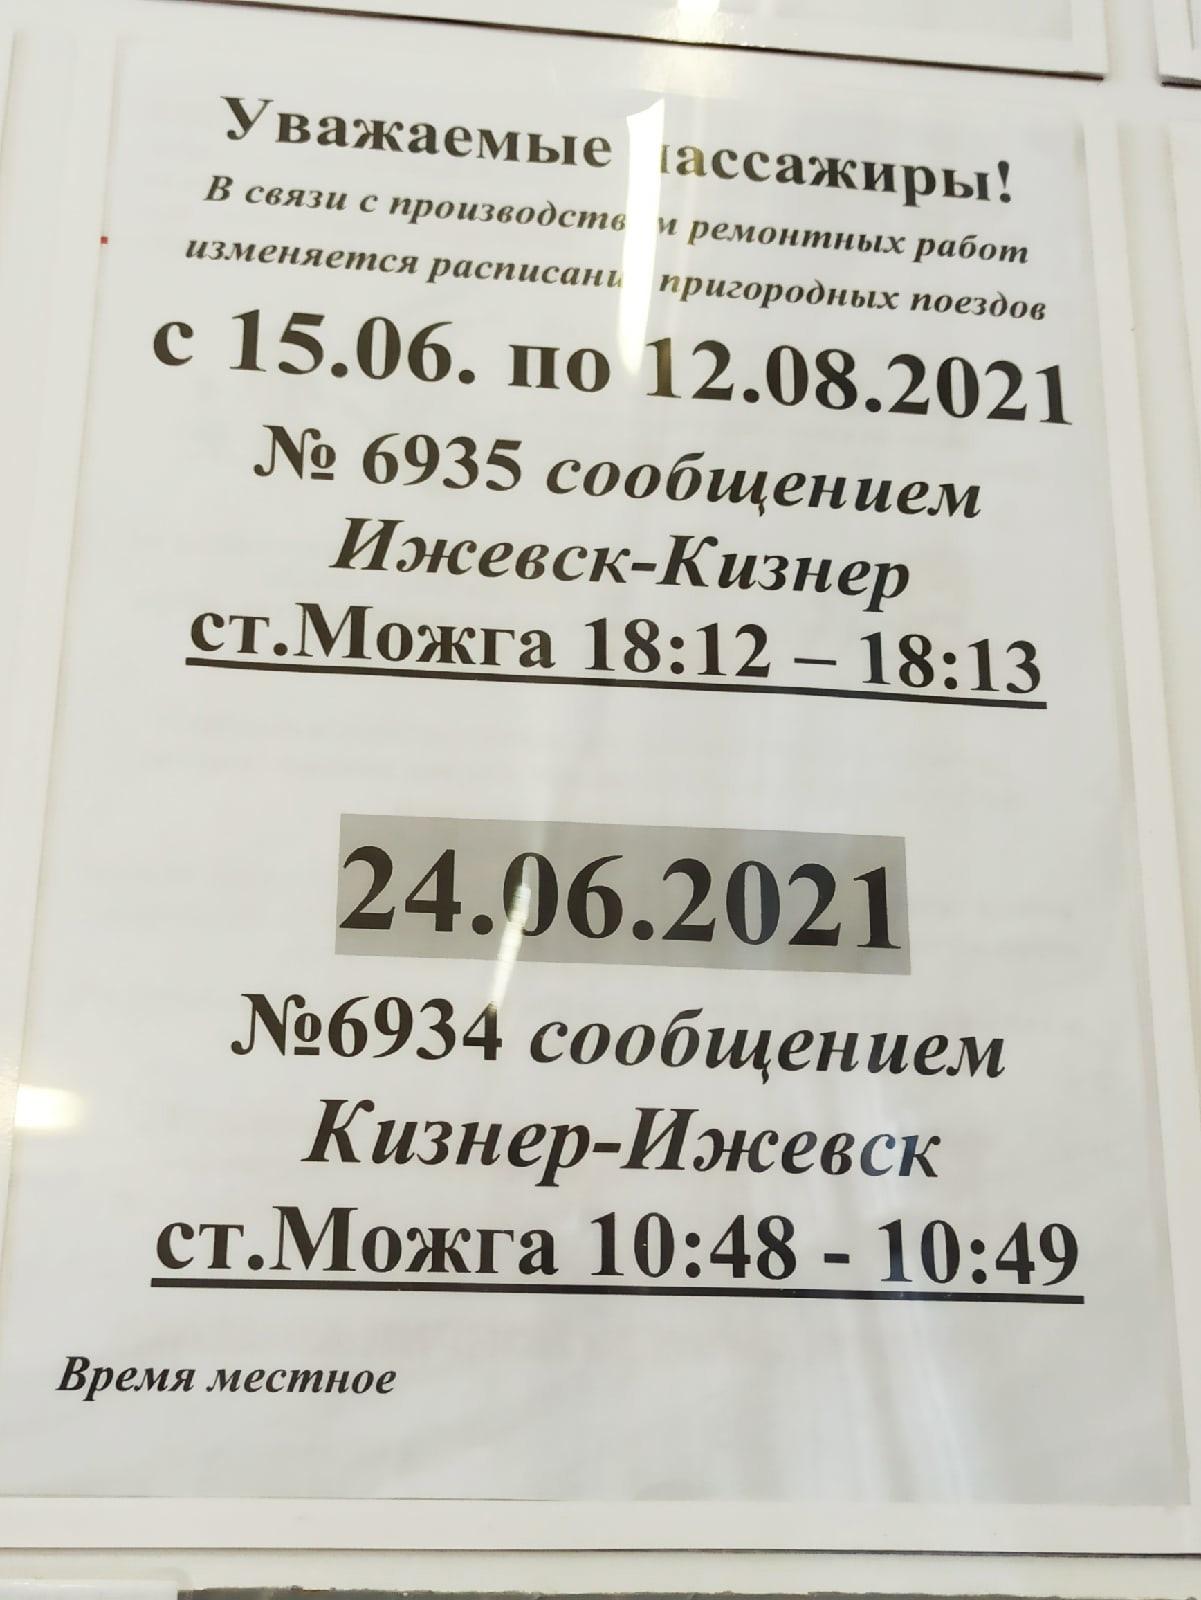 Собираетесь в Казань? Тогда эта информация для